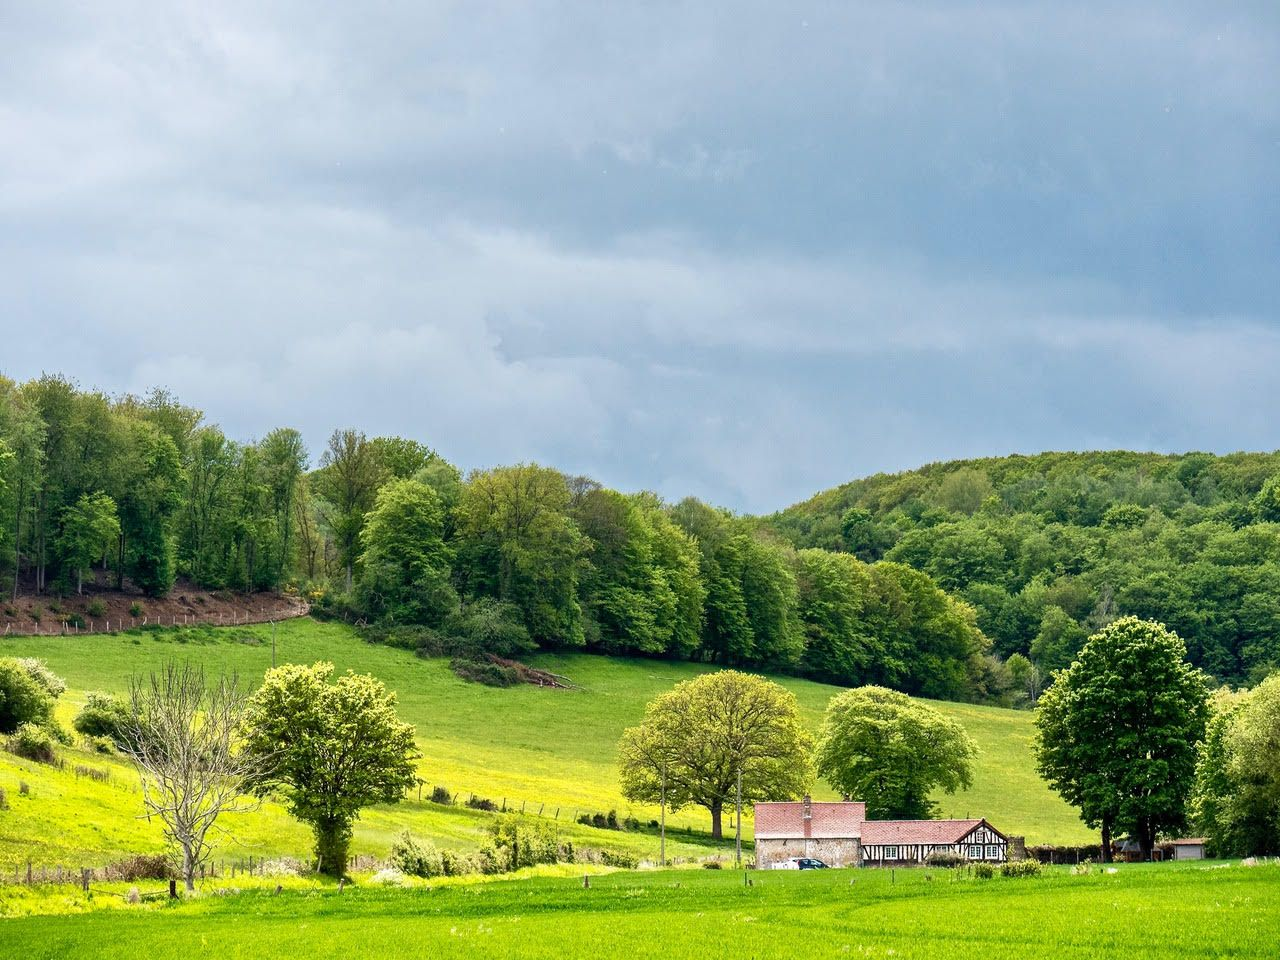 La Bidaudière, hameau de Saint-Pierre, un peu amont dans la vallée de l'Oison. Cliché de Frédéric Ménissier (mai 2021).